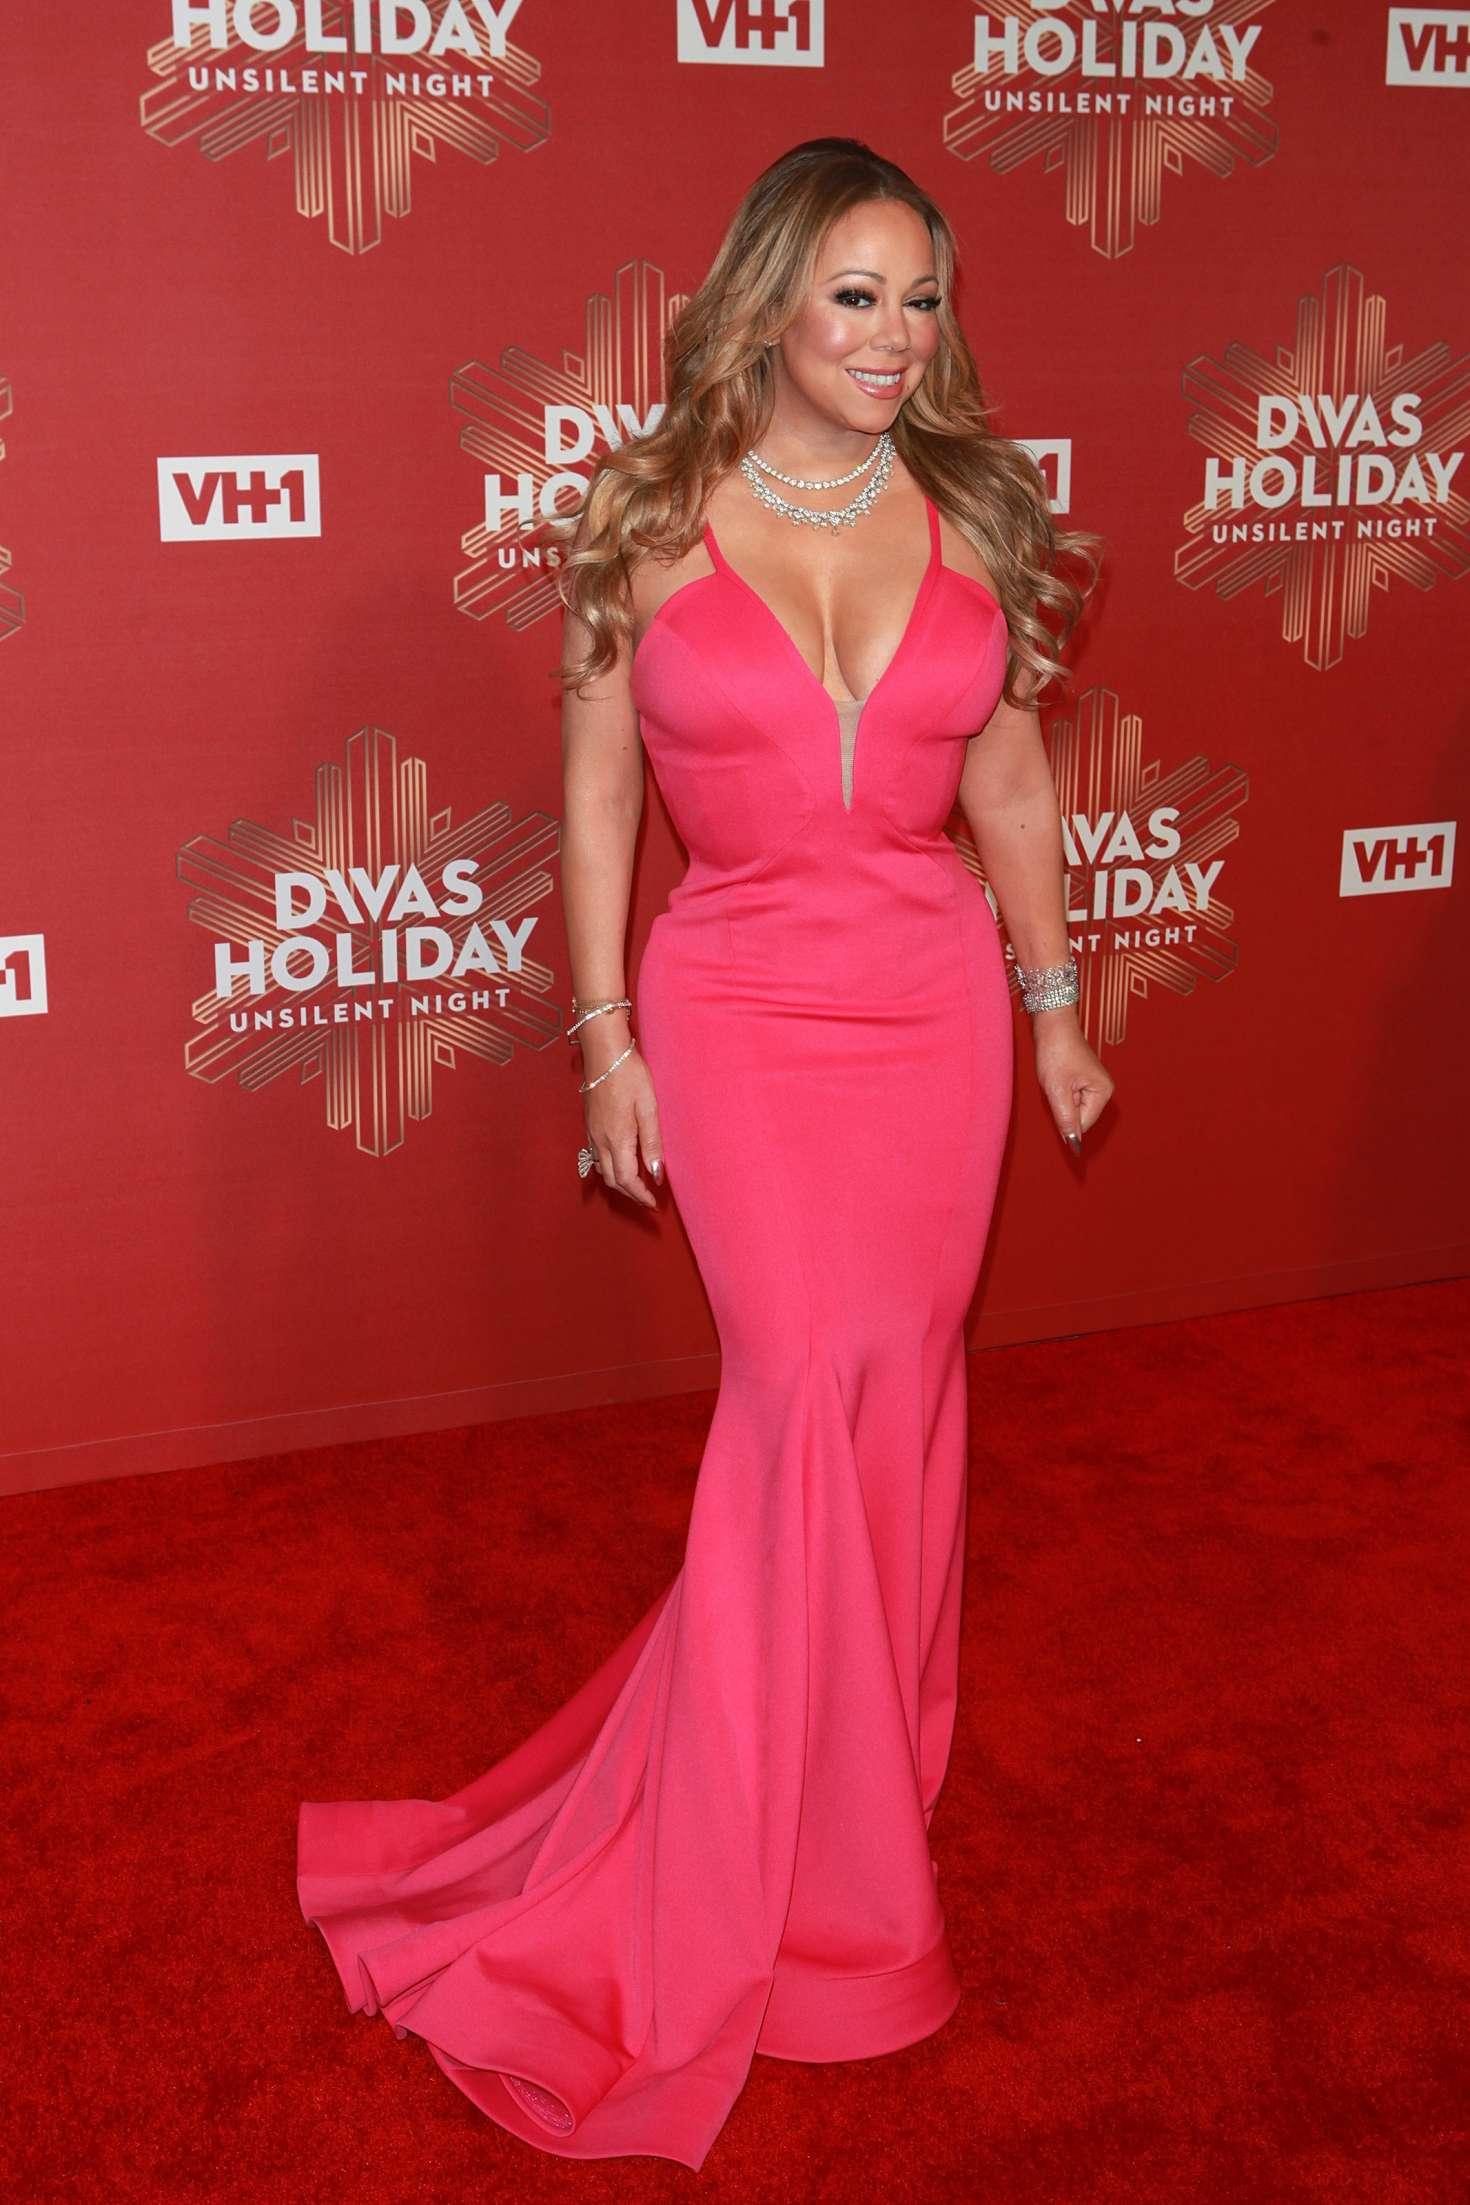 Mariah carey 2016 vh1s divas holiday unsilent night 33 gotceleb - Mariah carey diva ...